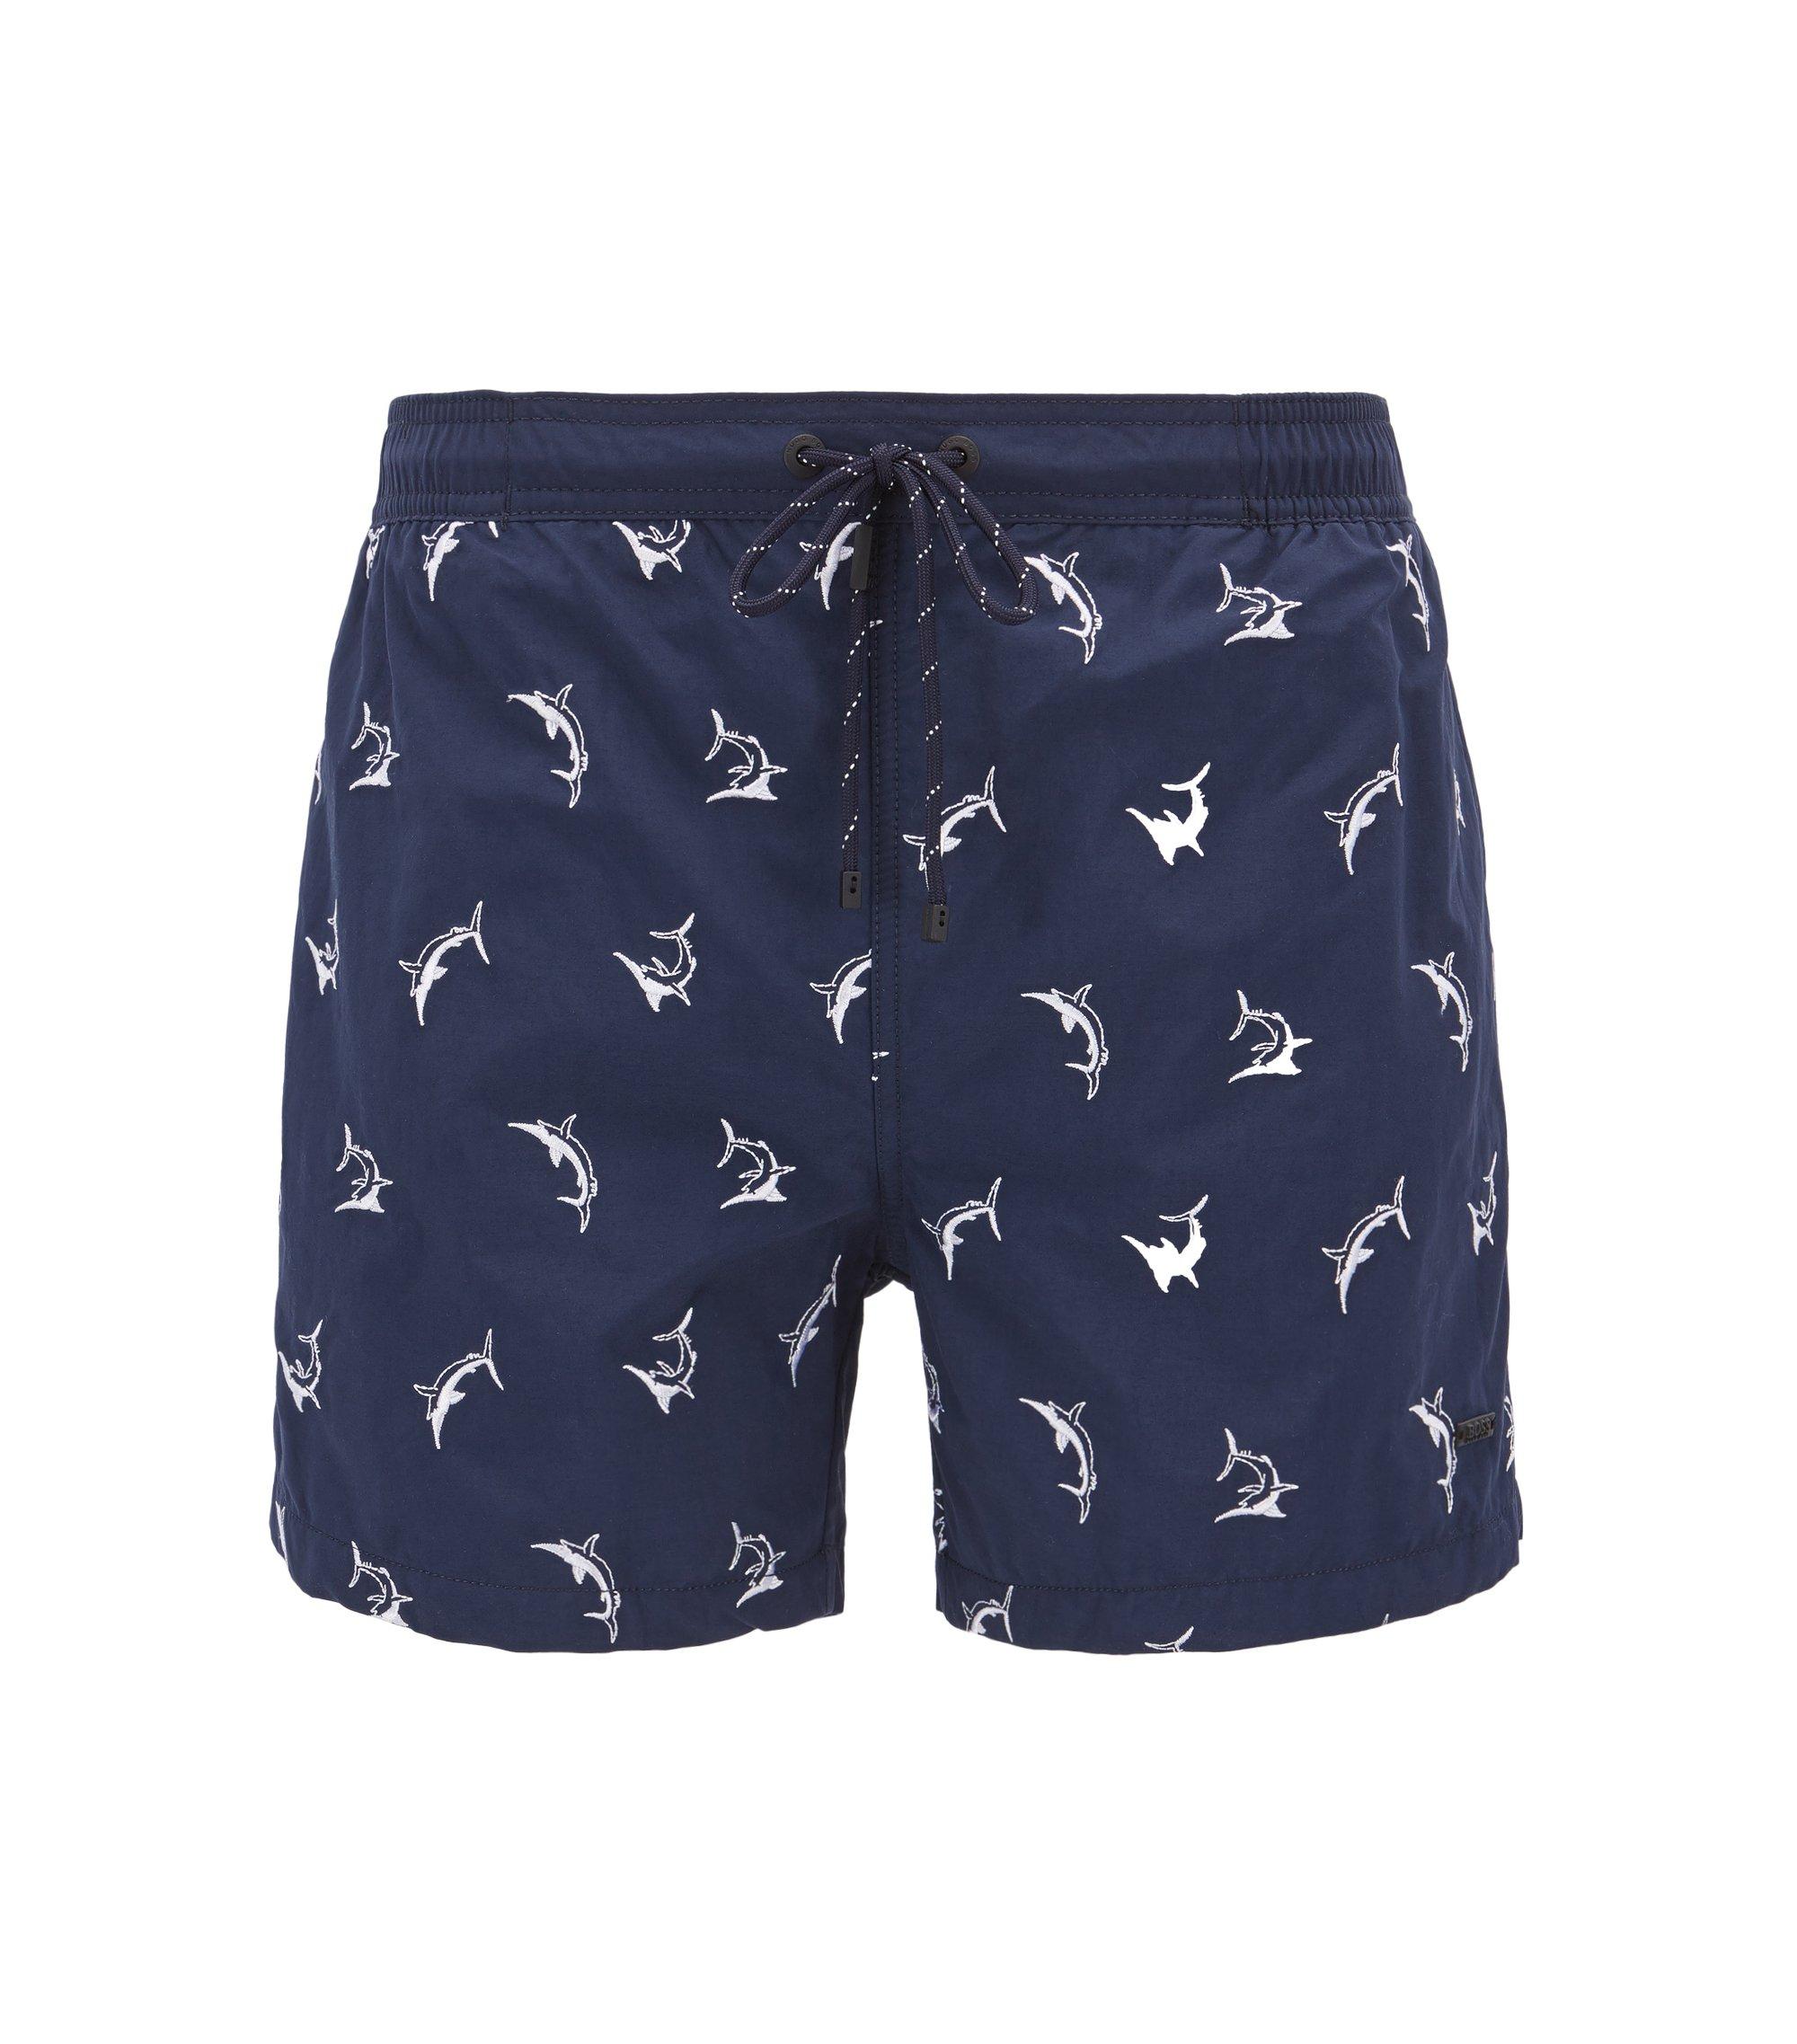 Short de bain à motif requins brodé, avec taille à cordon de serrage, Bleu vif